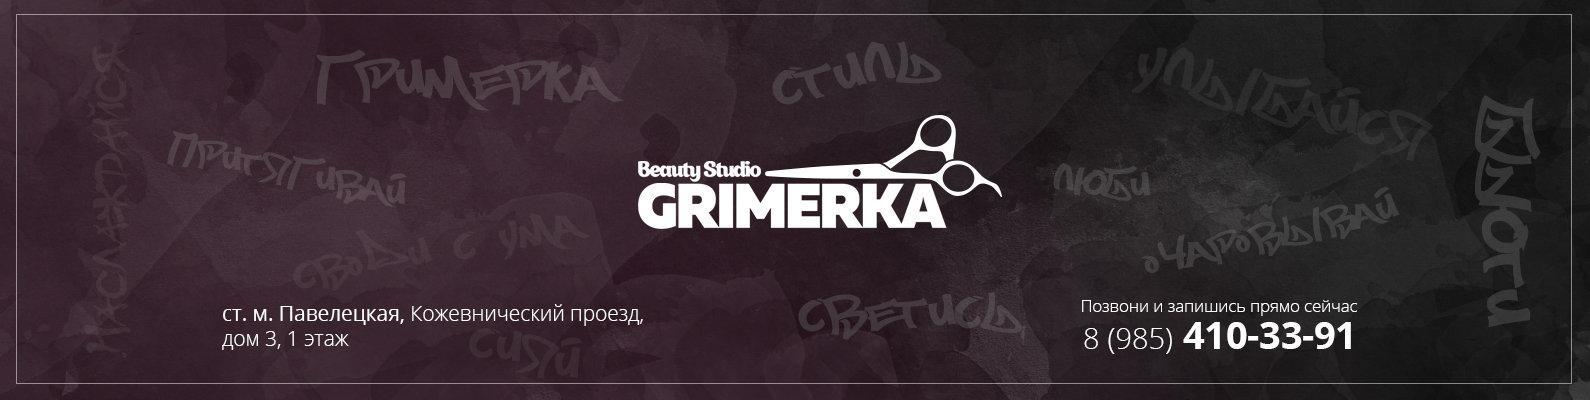 фотография Beauty studio GRIMERKA в Кожевническом проезде